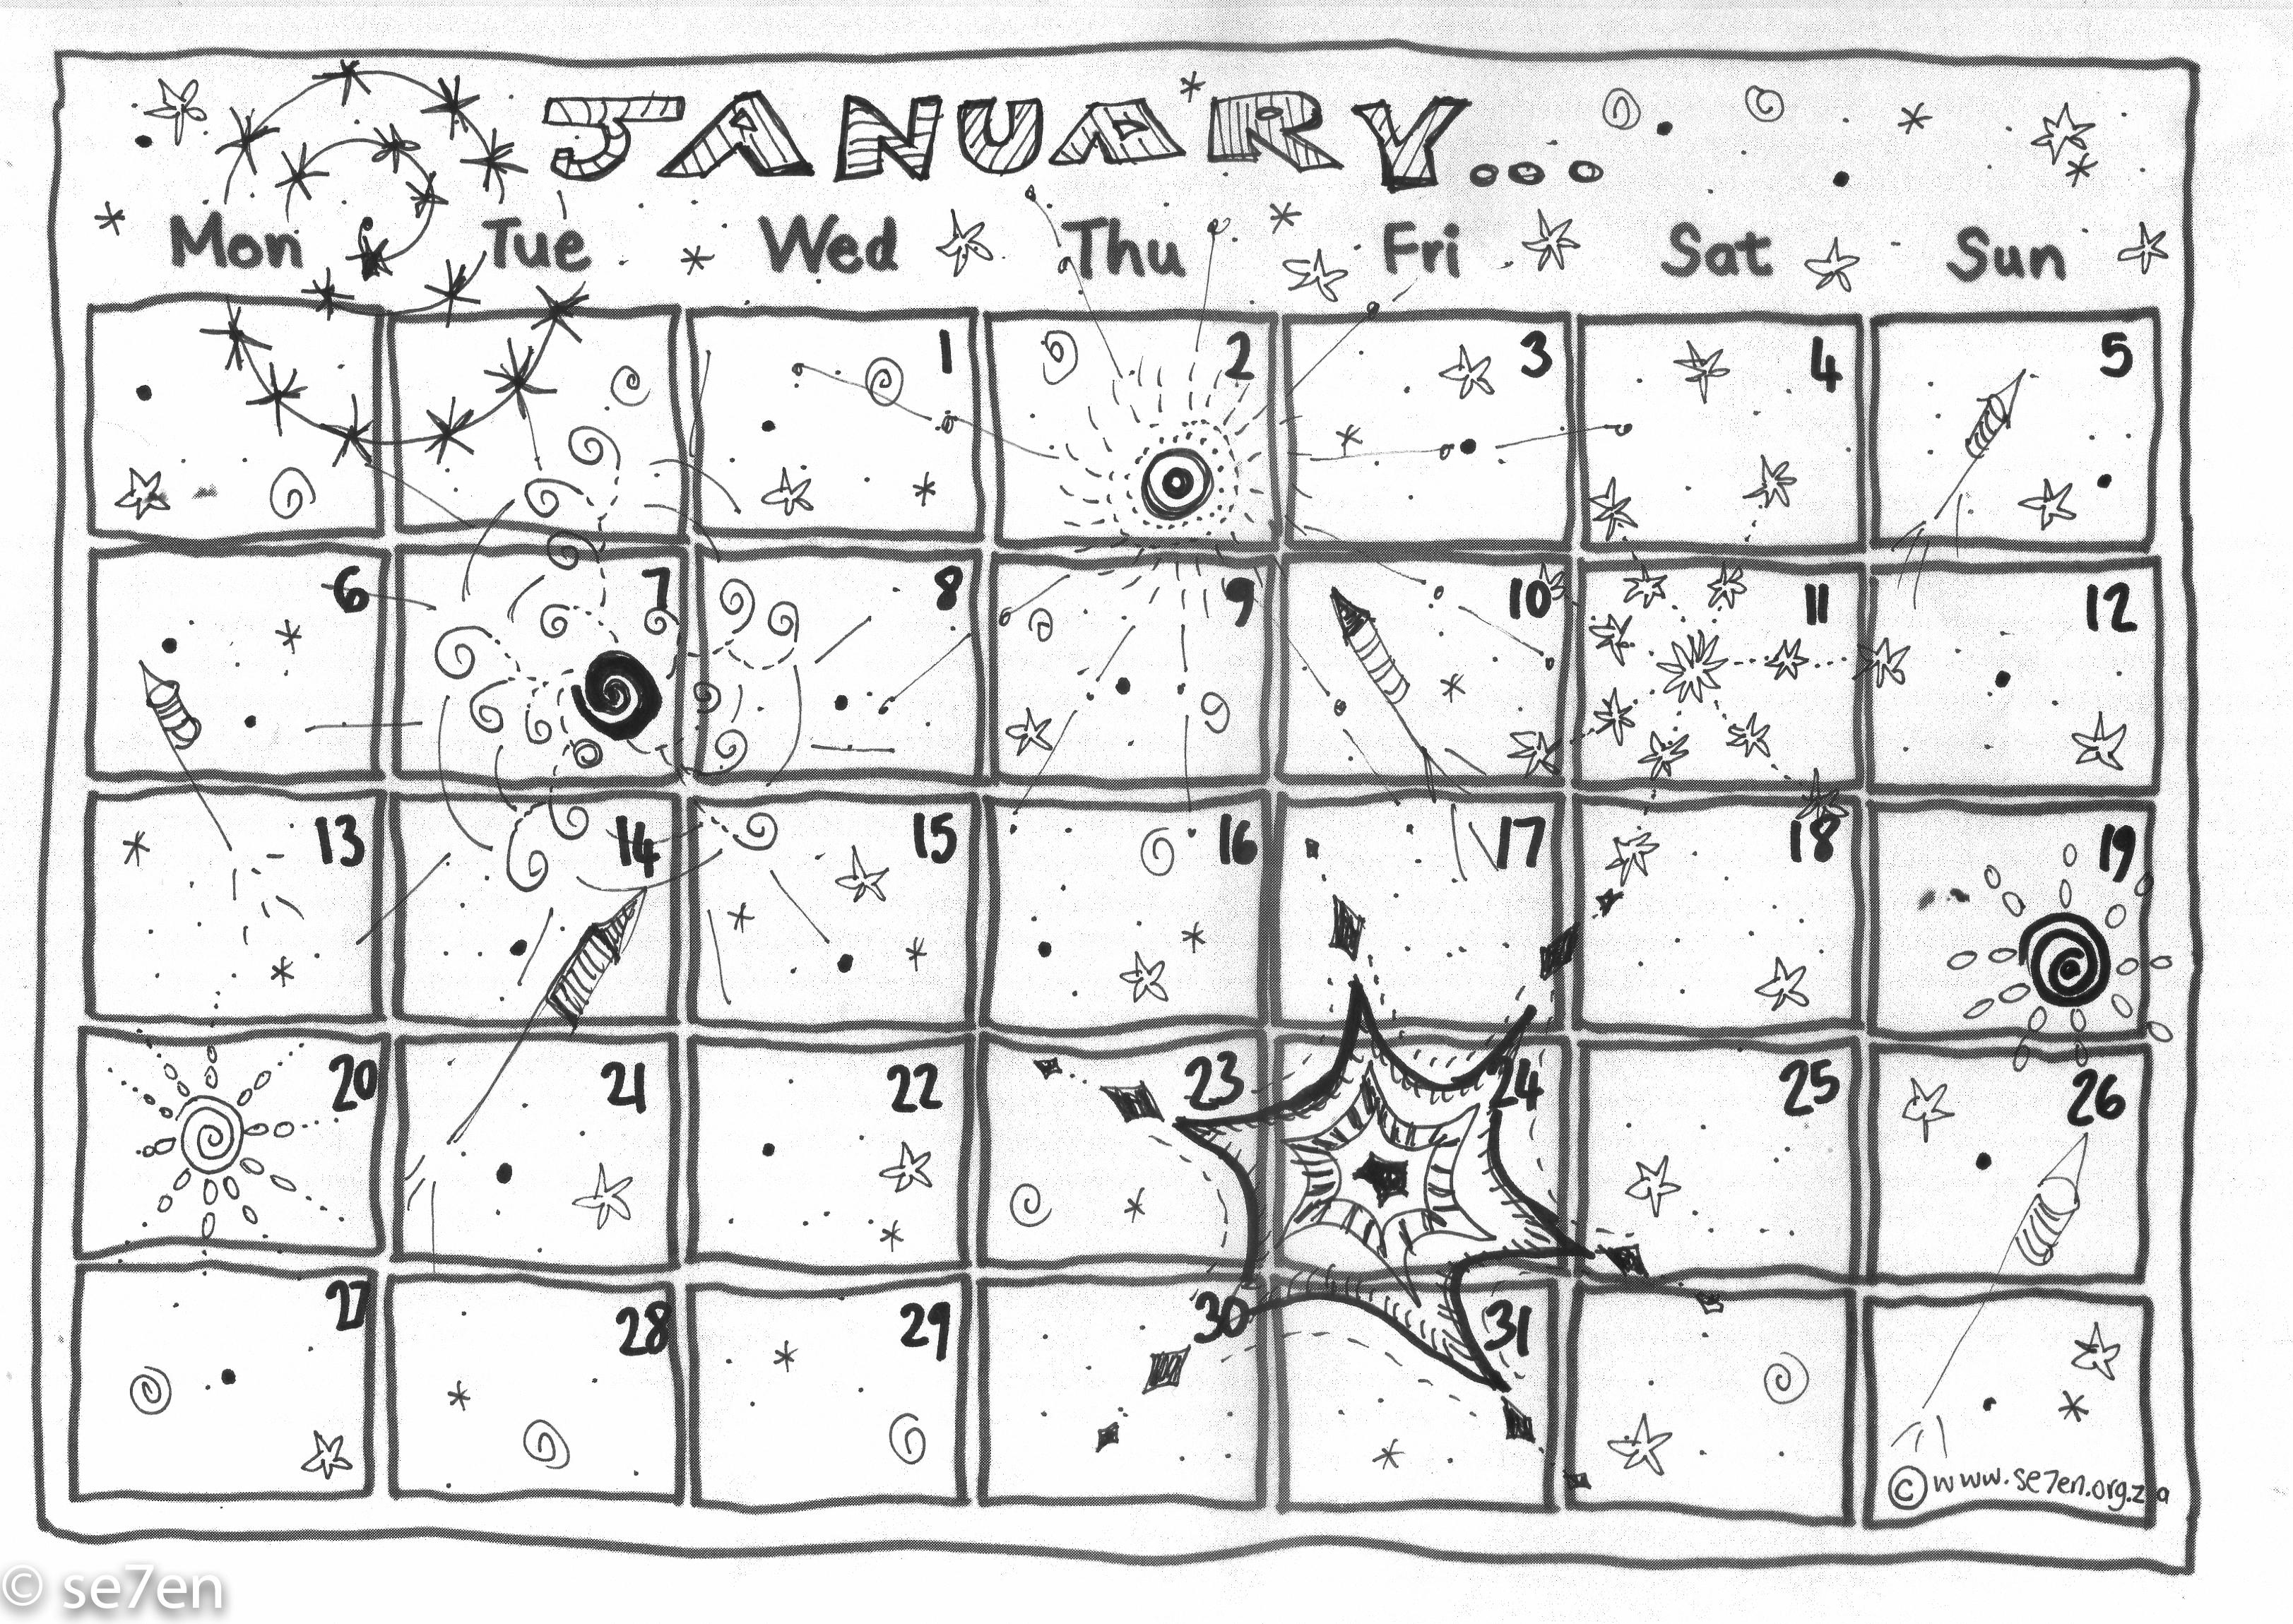 se7en-01-Jan-14-January2014.jpg